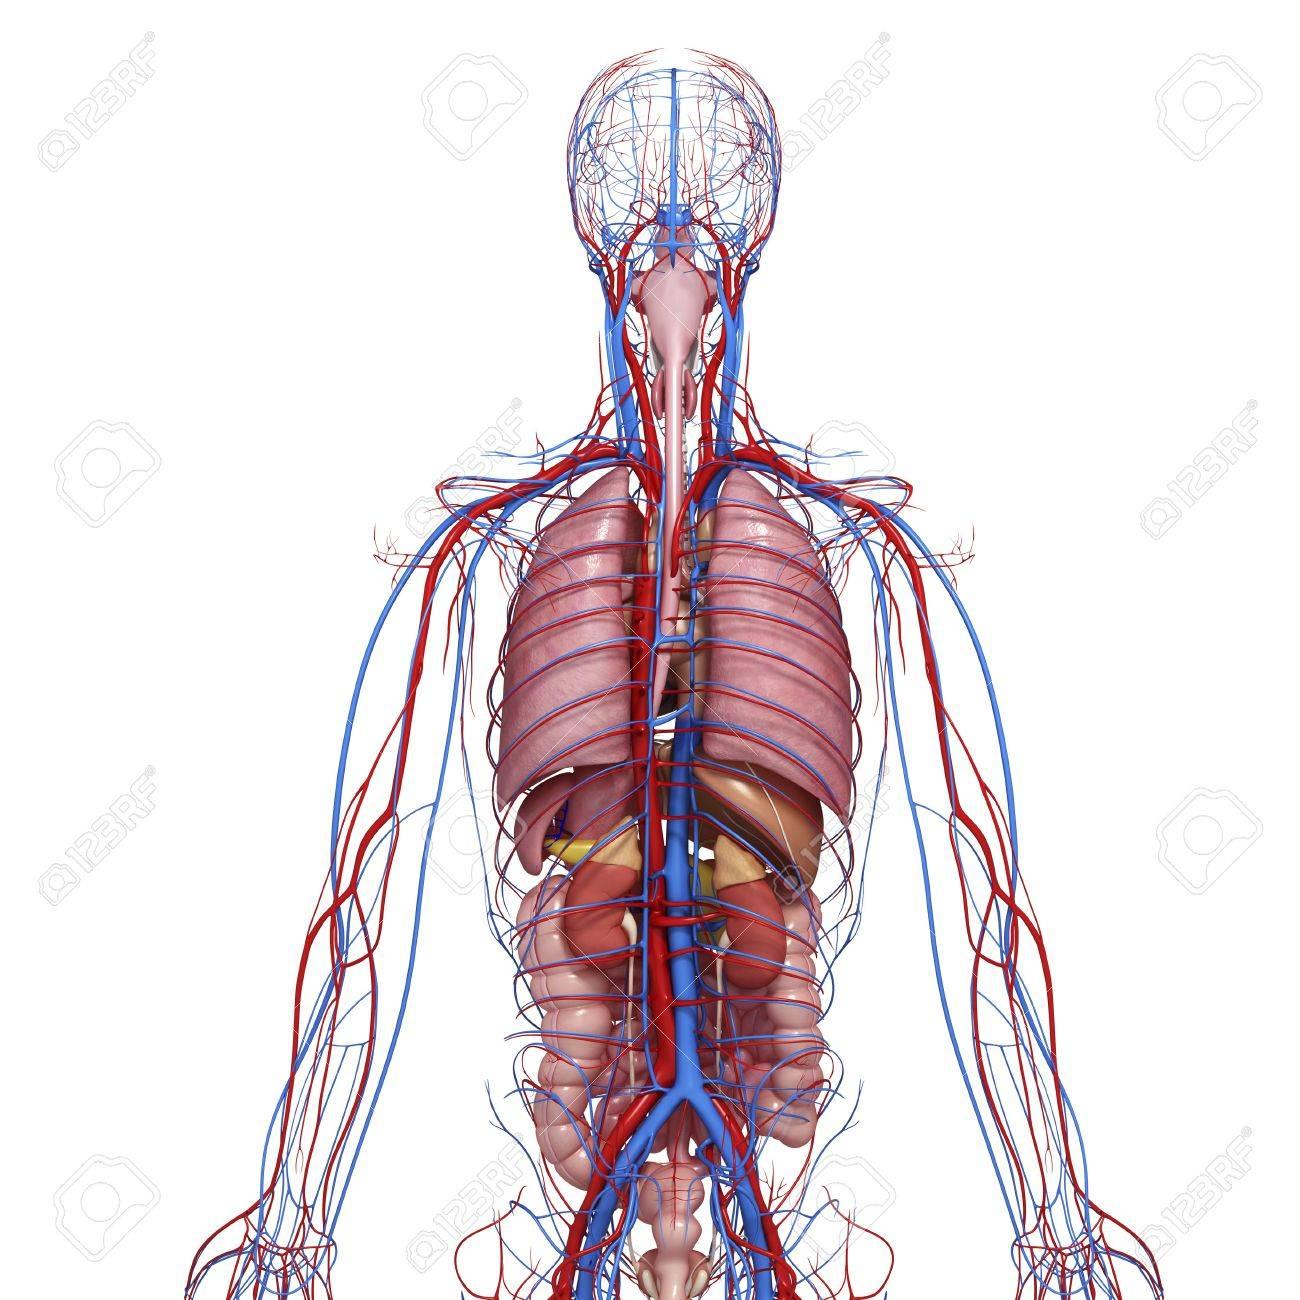 Ausgezeichnet Zeichnung Männliche Anatomie Galerie - Anatomie Ideen ...